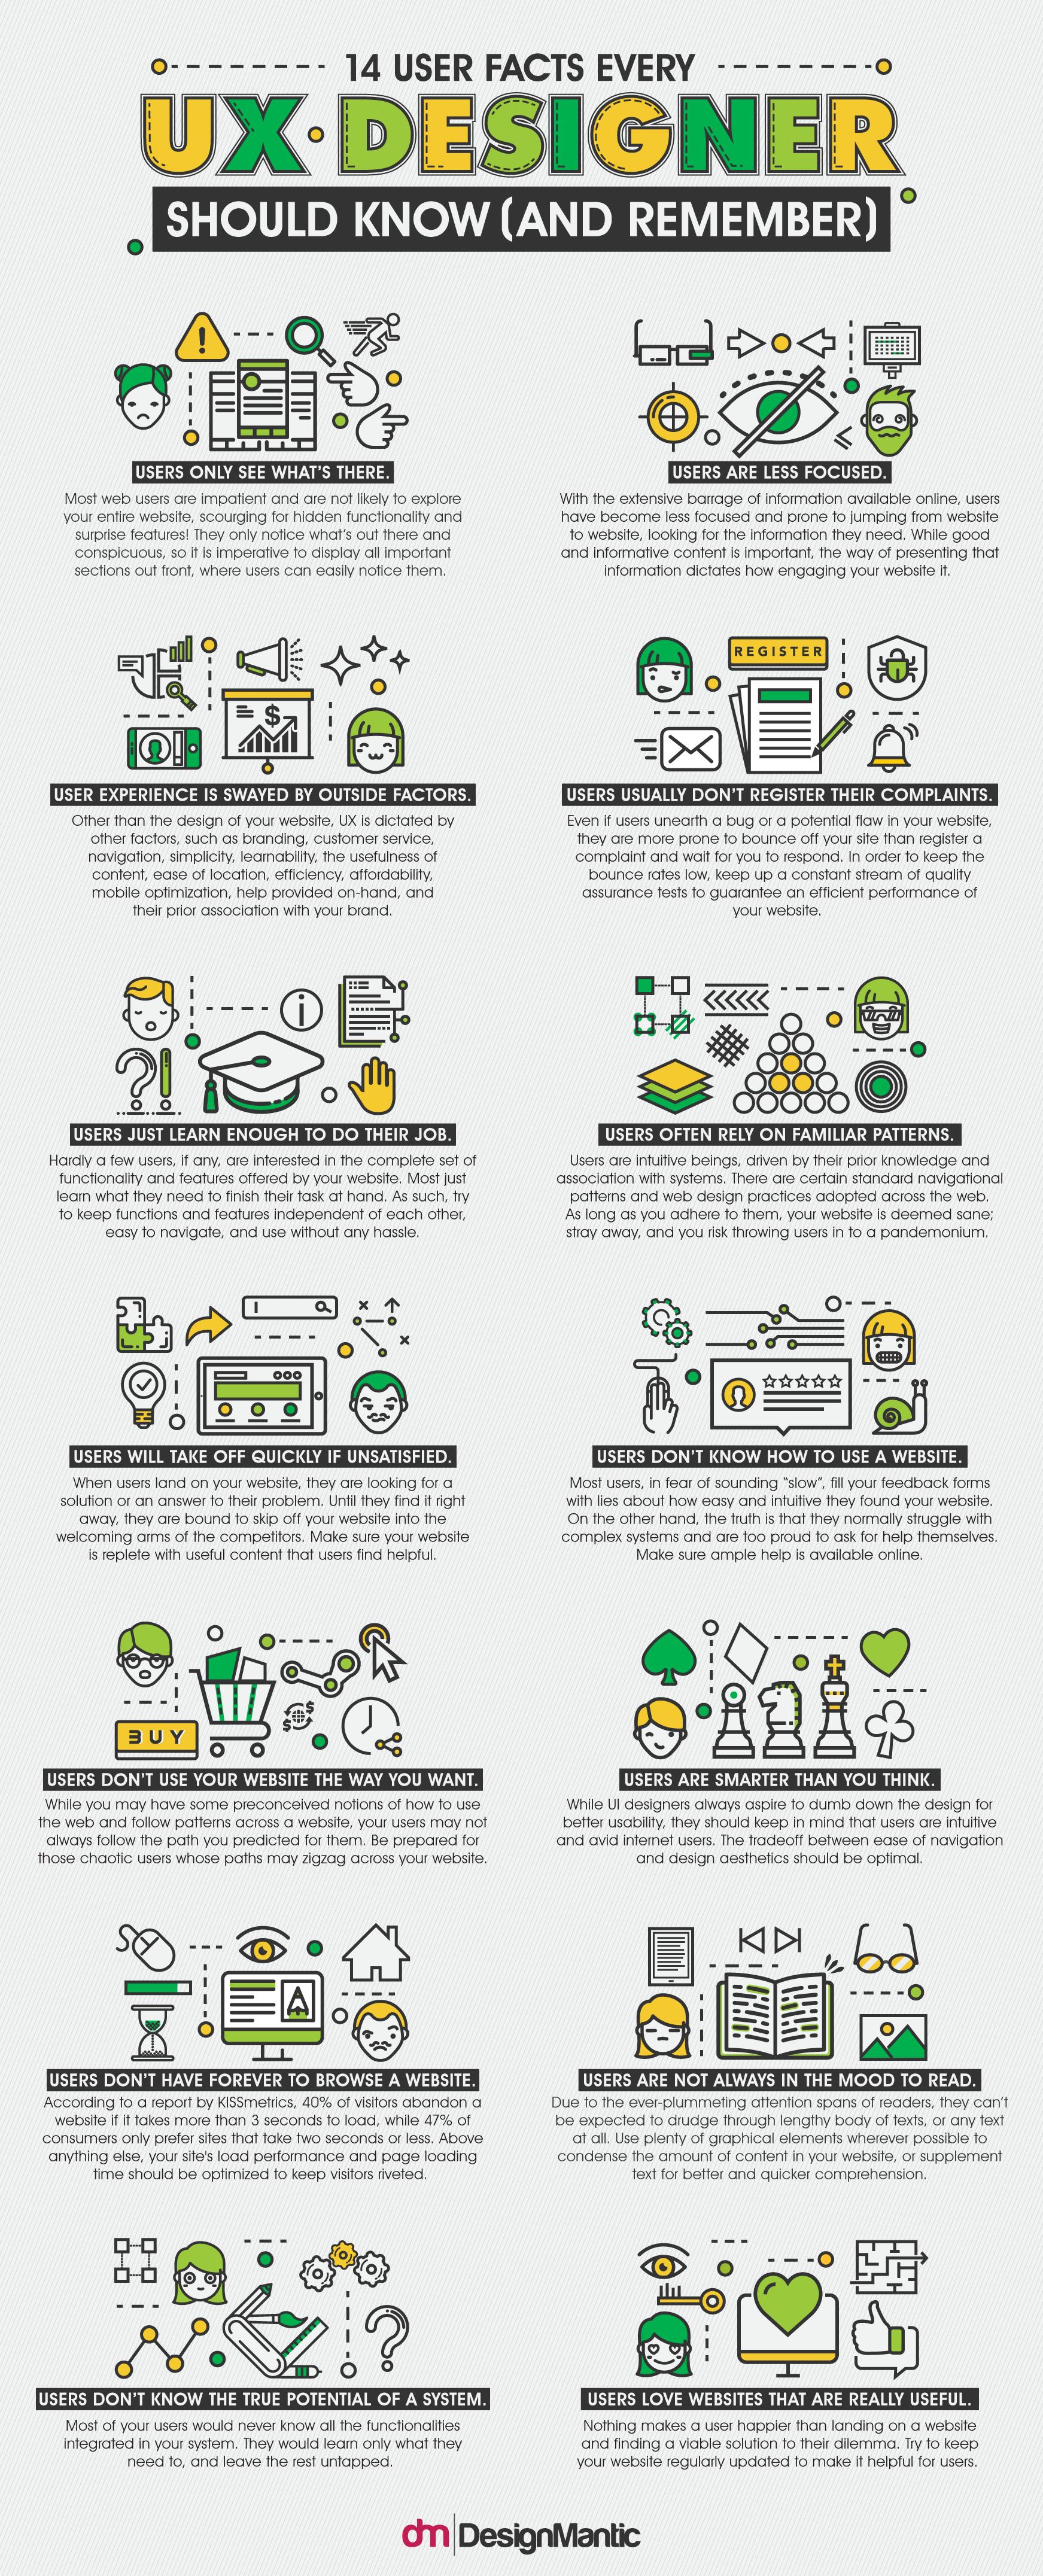 14 Facts UX Designers Should Know | DesignMantic: The Design Shop